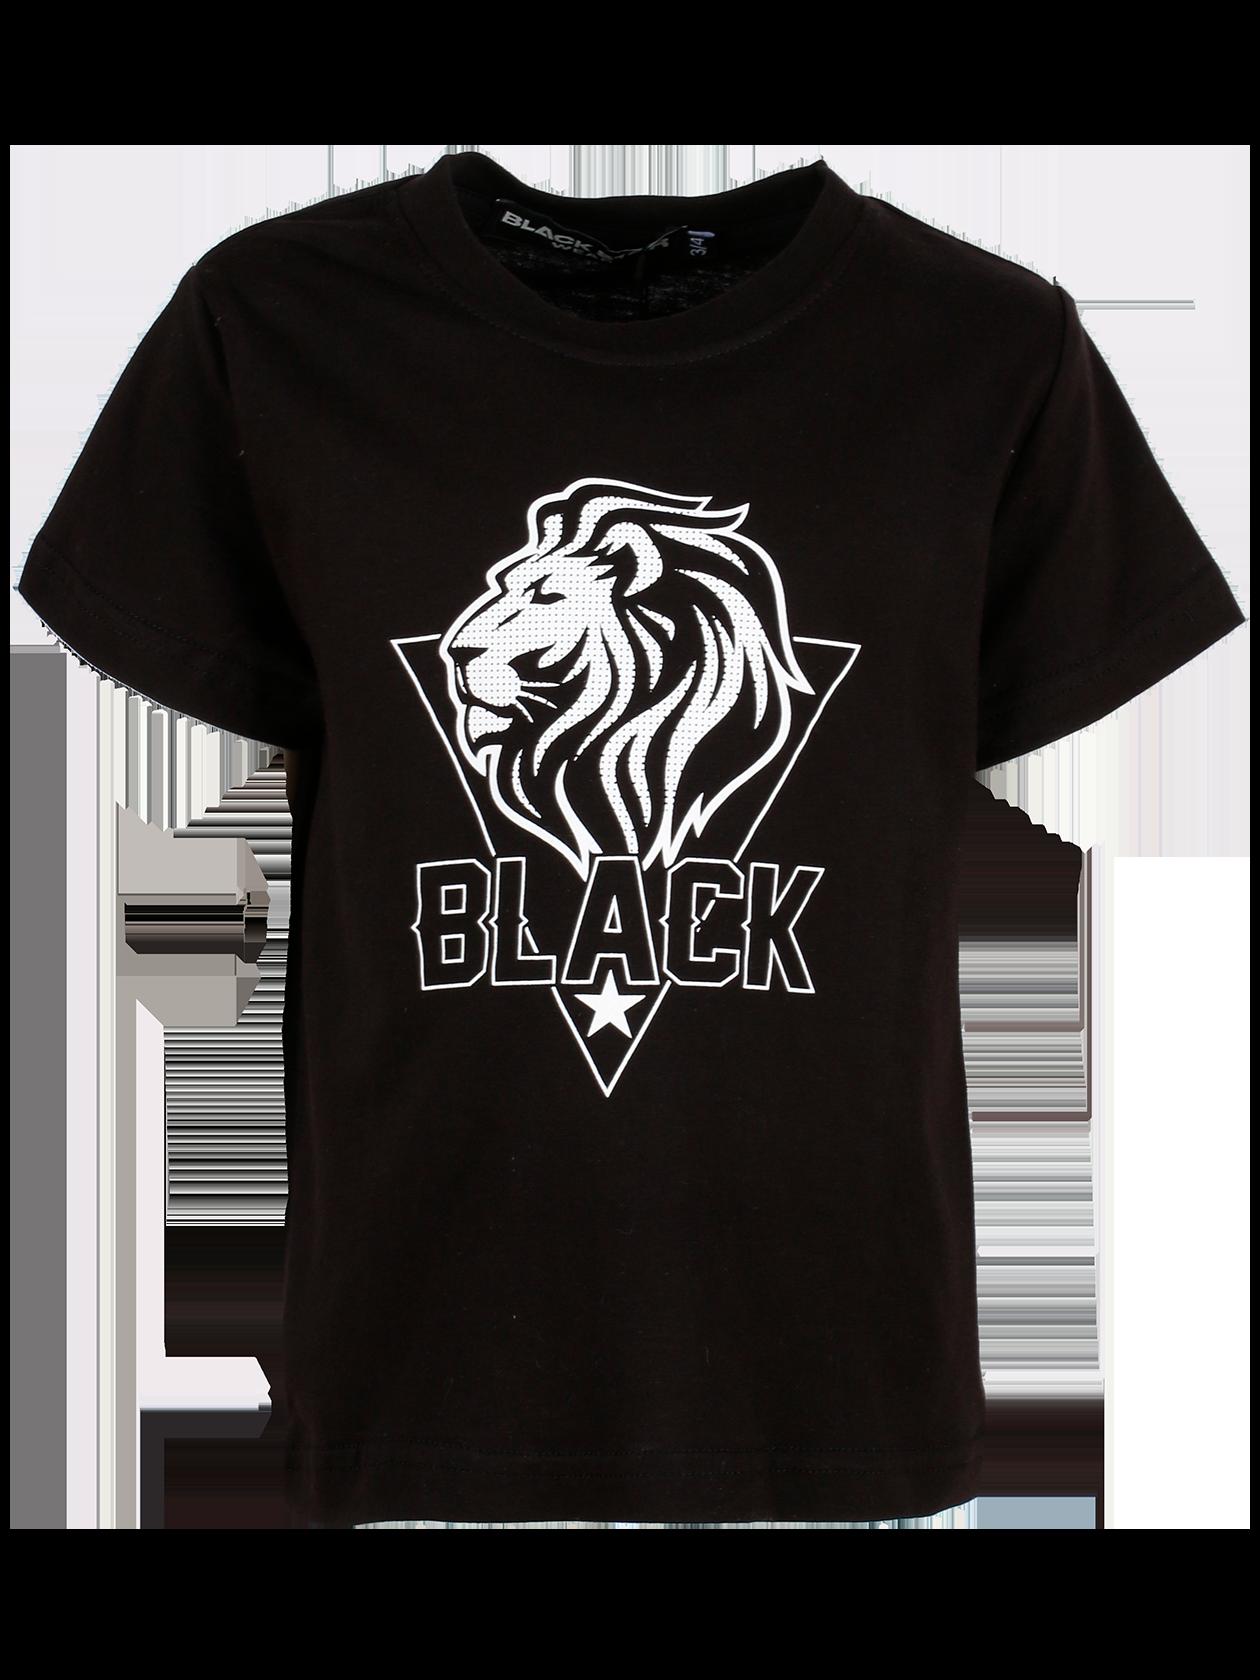 Kids t-shirt LION TEAM<br><br>size: 3-4 years<br>color: Black<br>gender: unisex